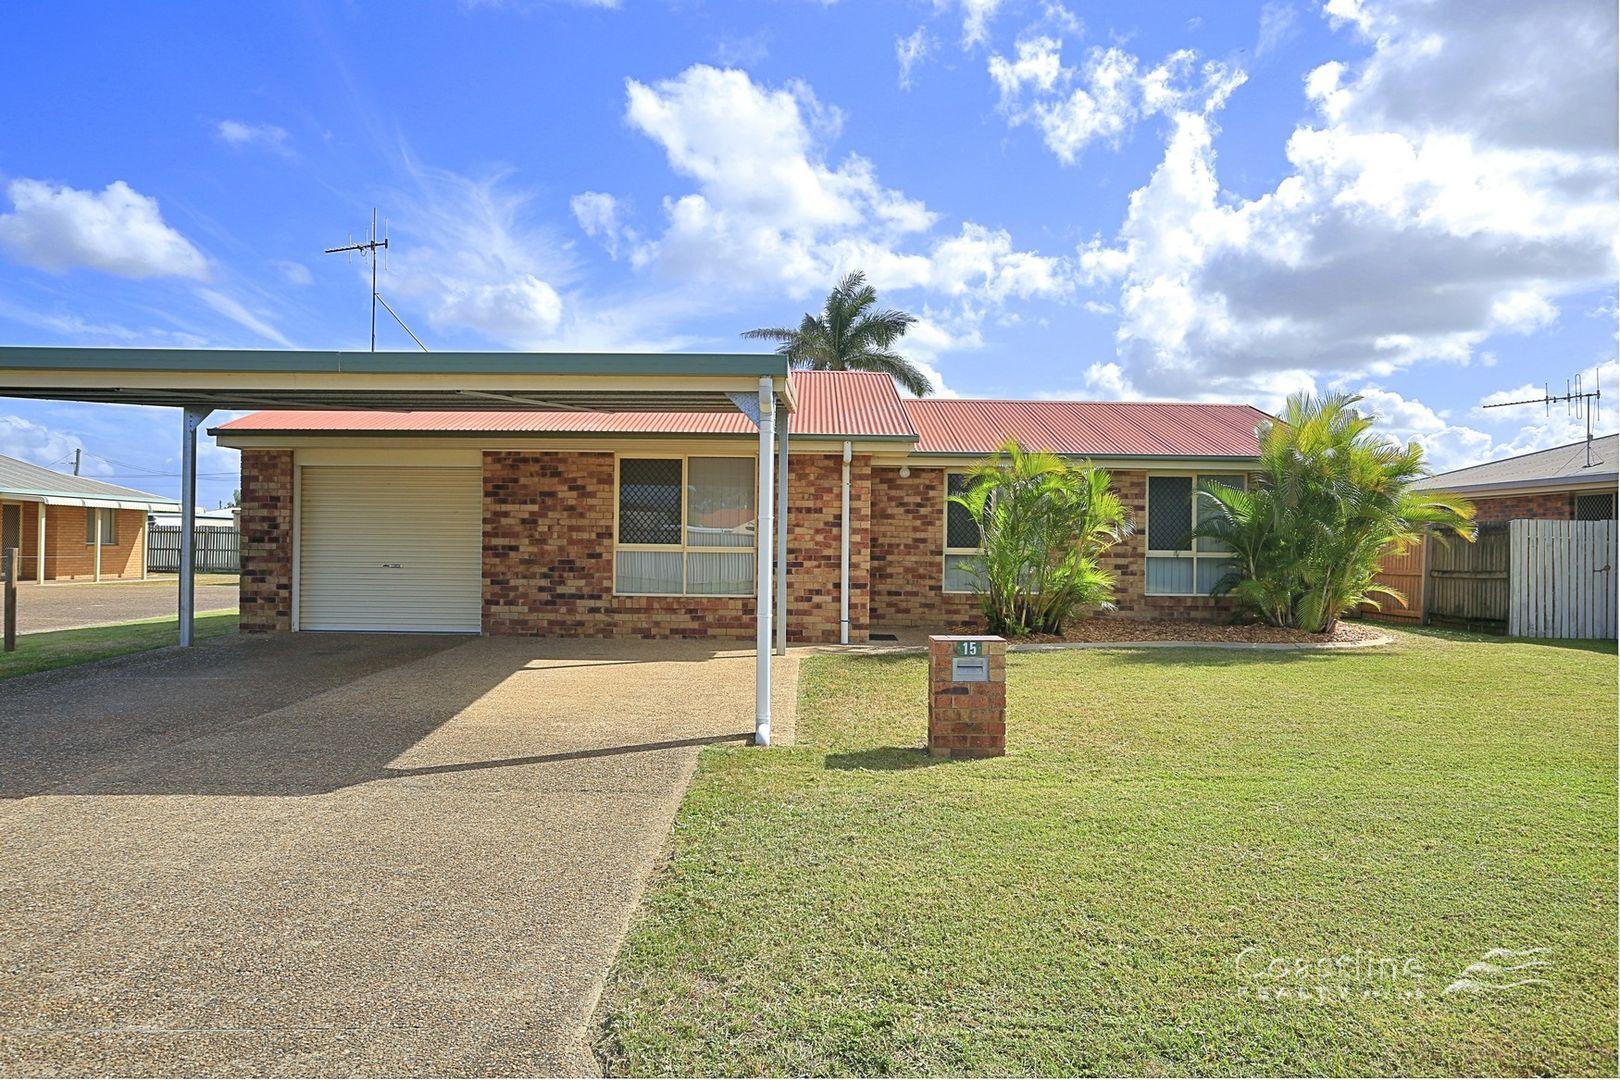 15 Peek Street, Bundaberg North QLD 4670, Image 1